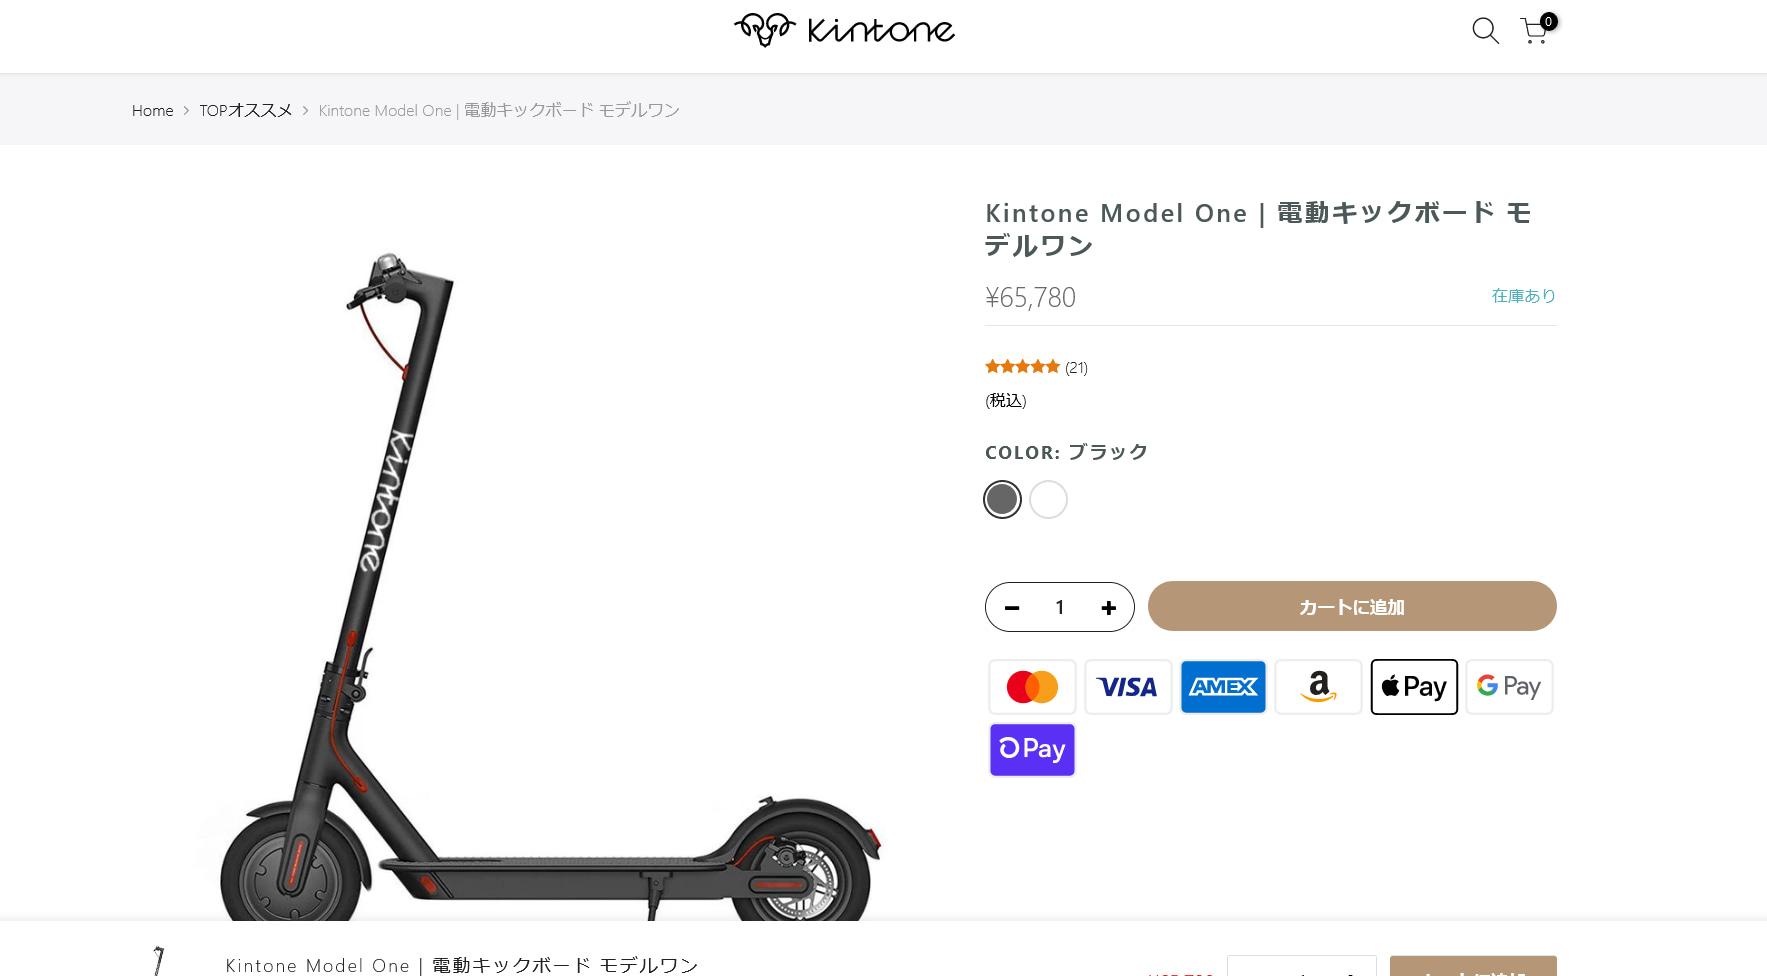 キントーン電動キックボード